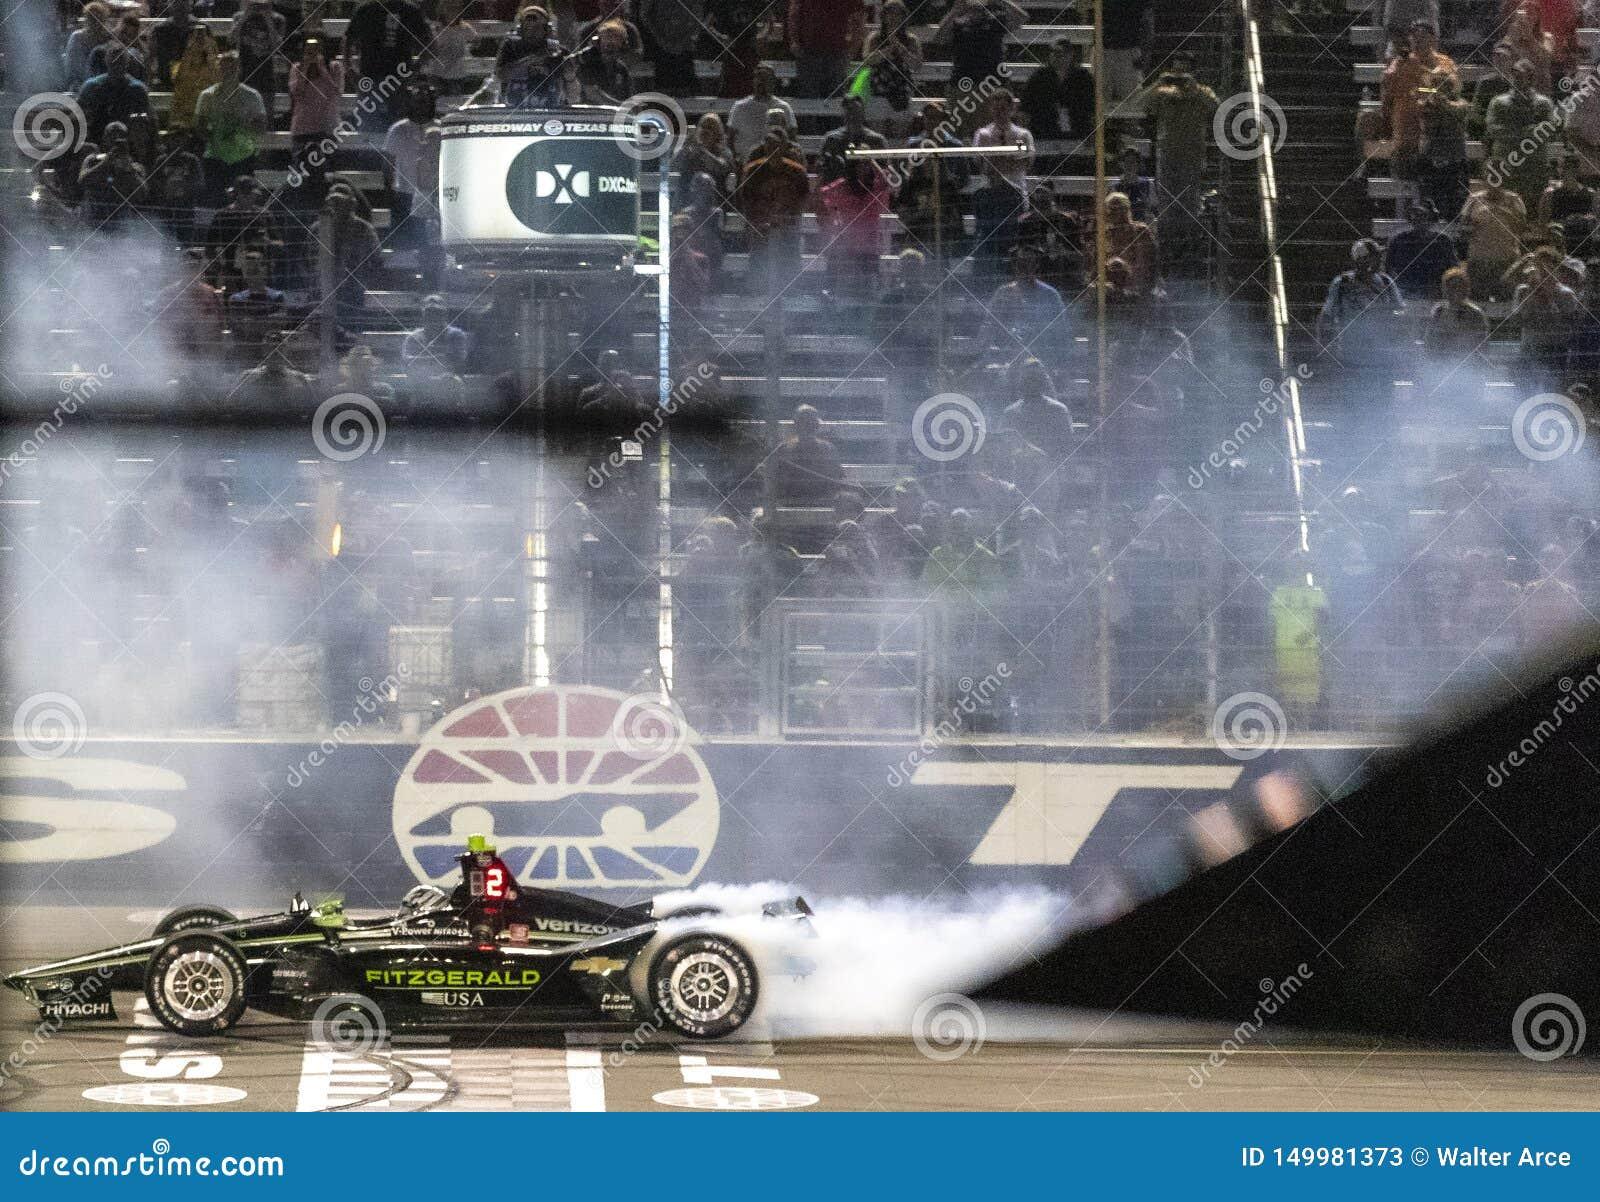 IndyCar: Juni 08 DXC teknologi 600